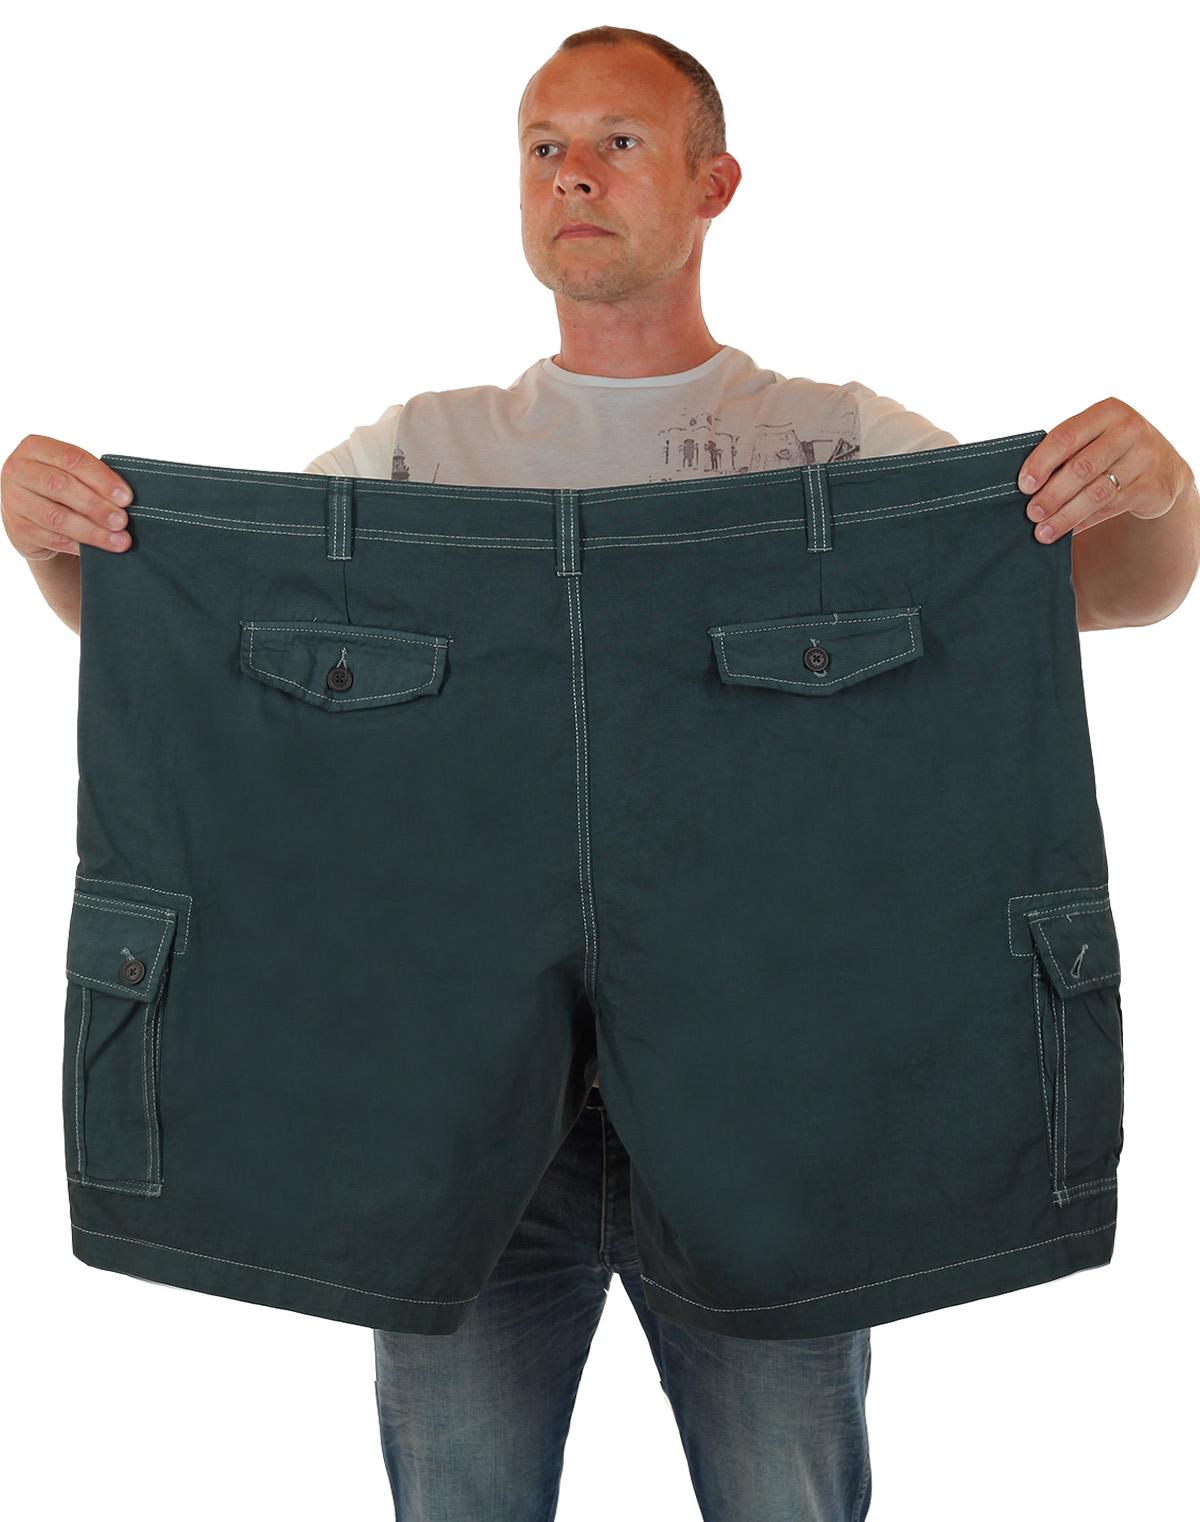 Заказать шорты от бренда Urban для крутых полных мужчин с доставкой